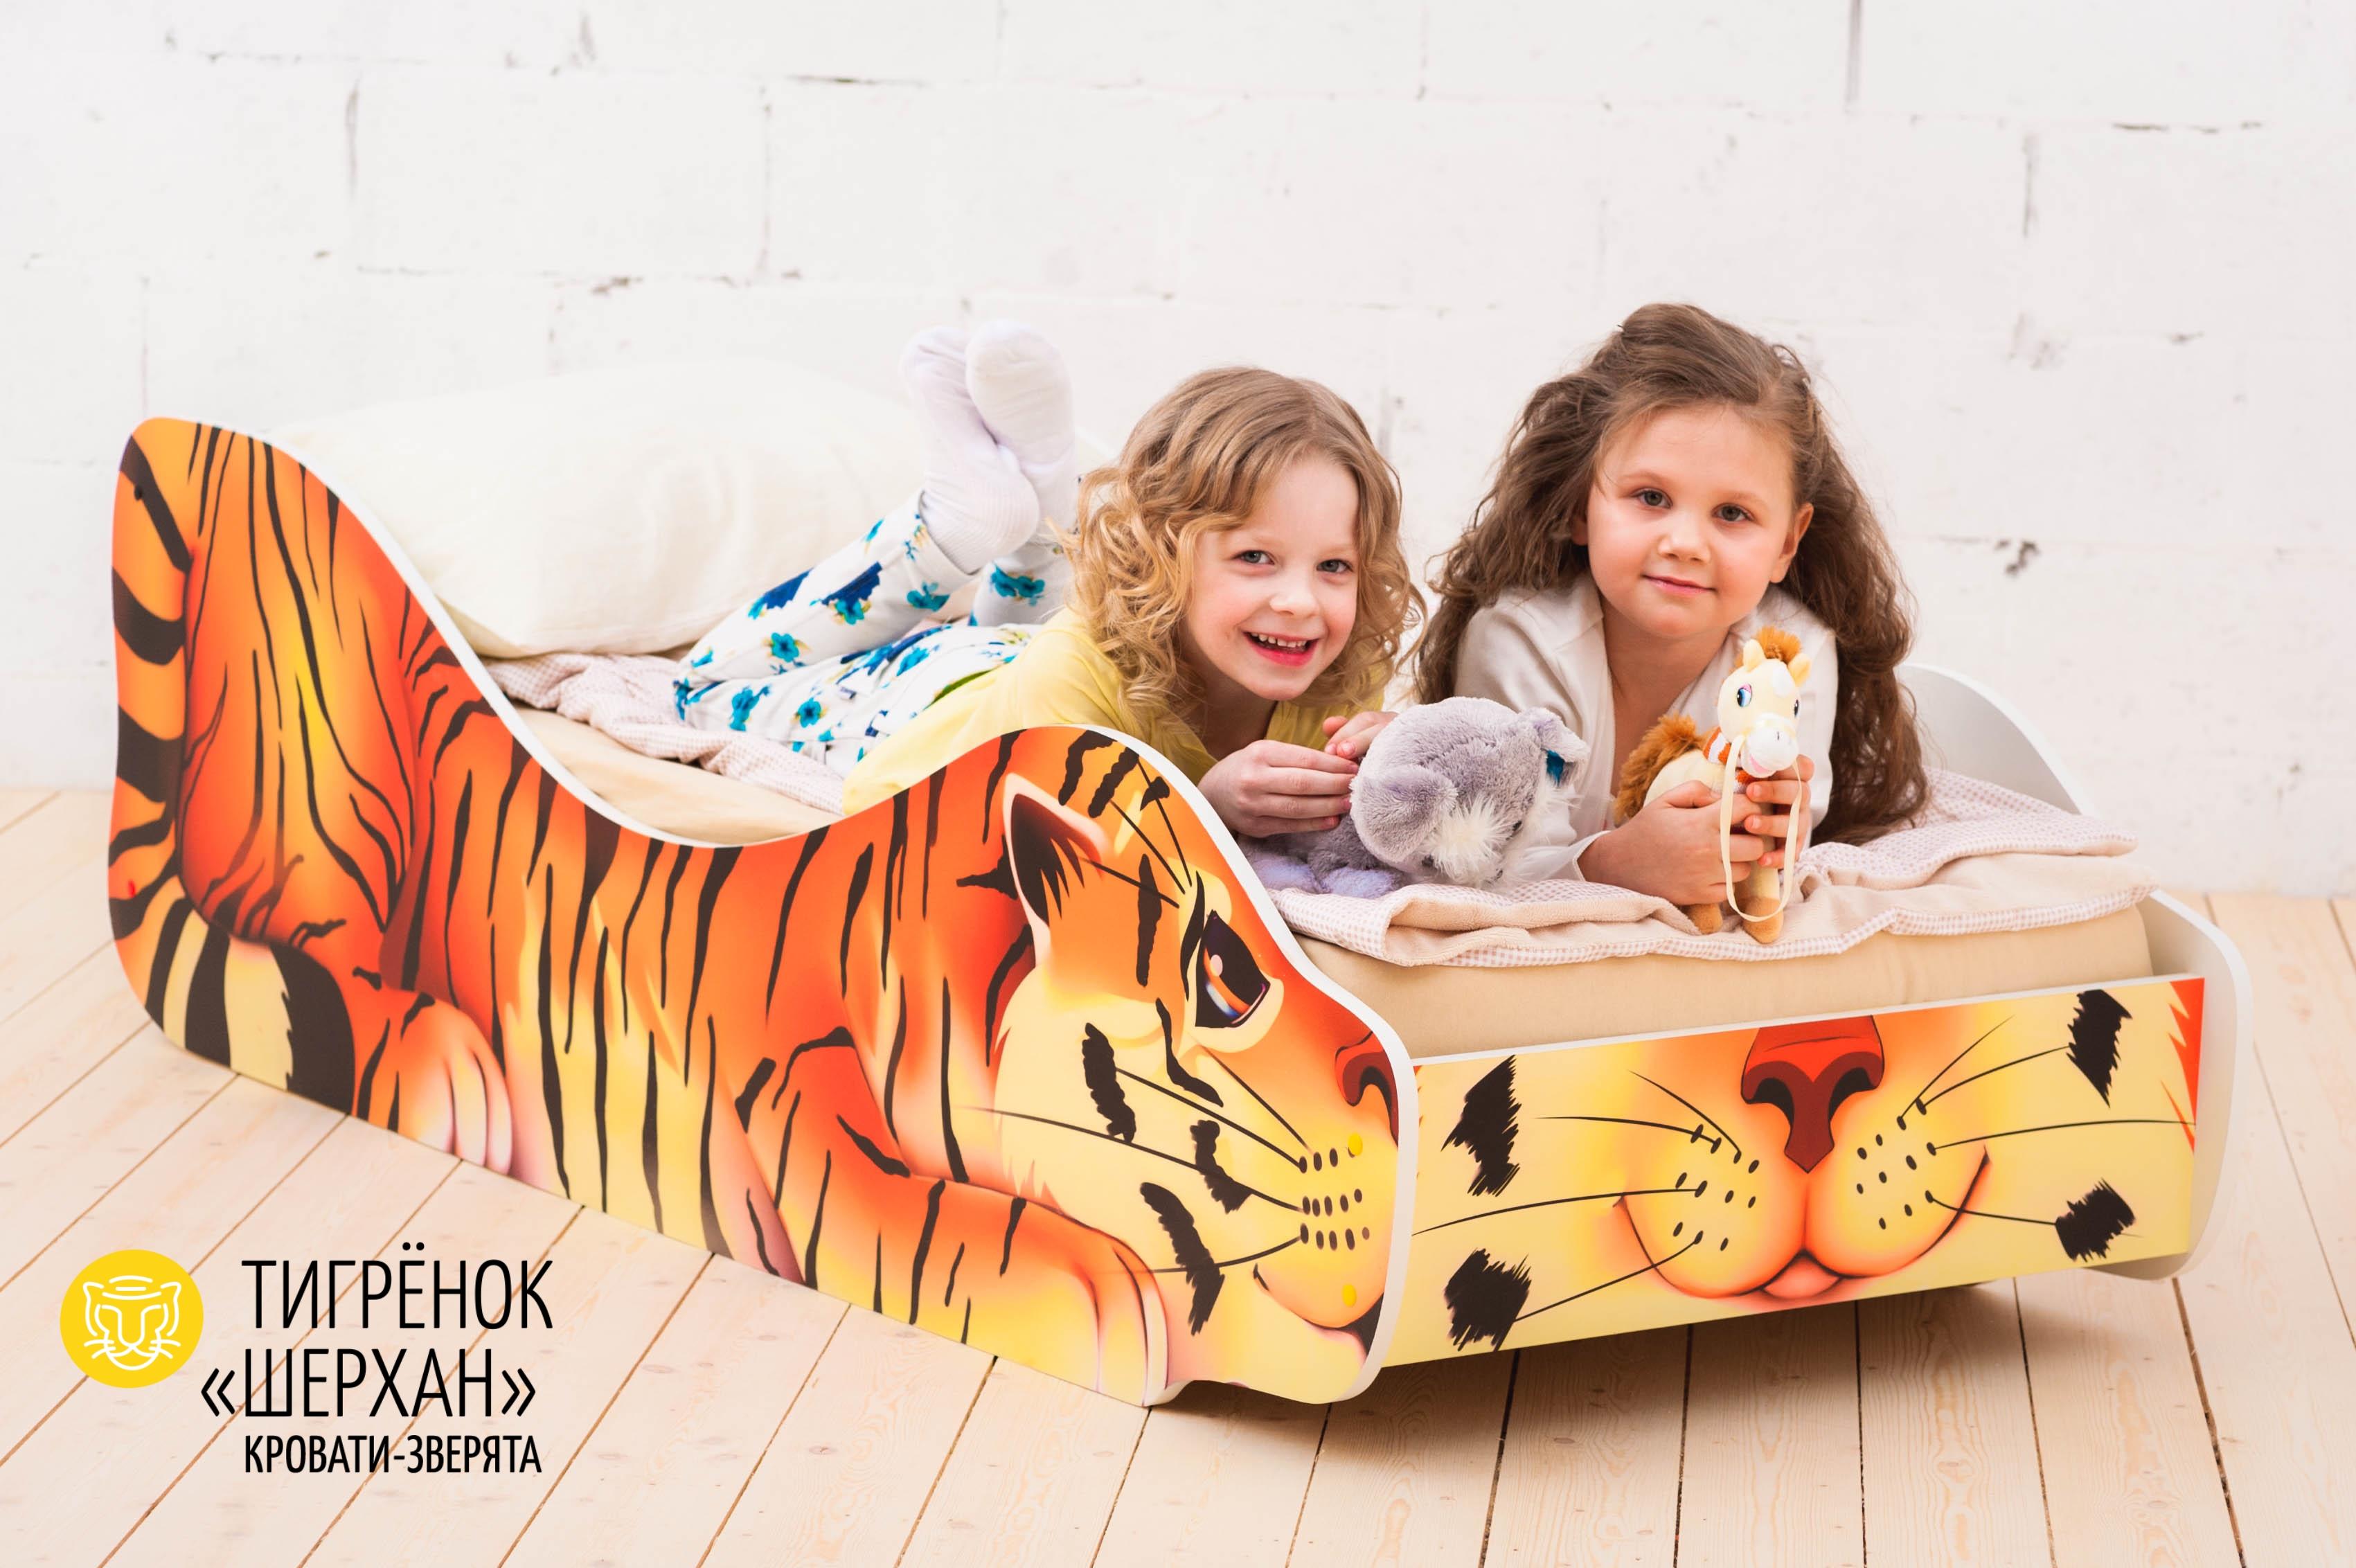 Детская кровать-зверенок -Тигренок-Шерхан-12